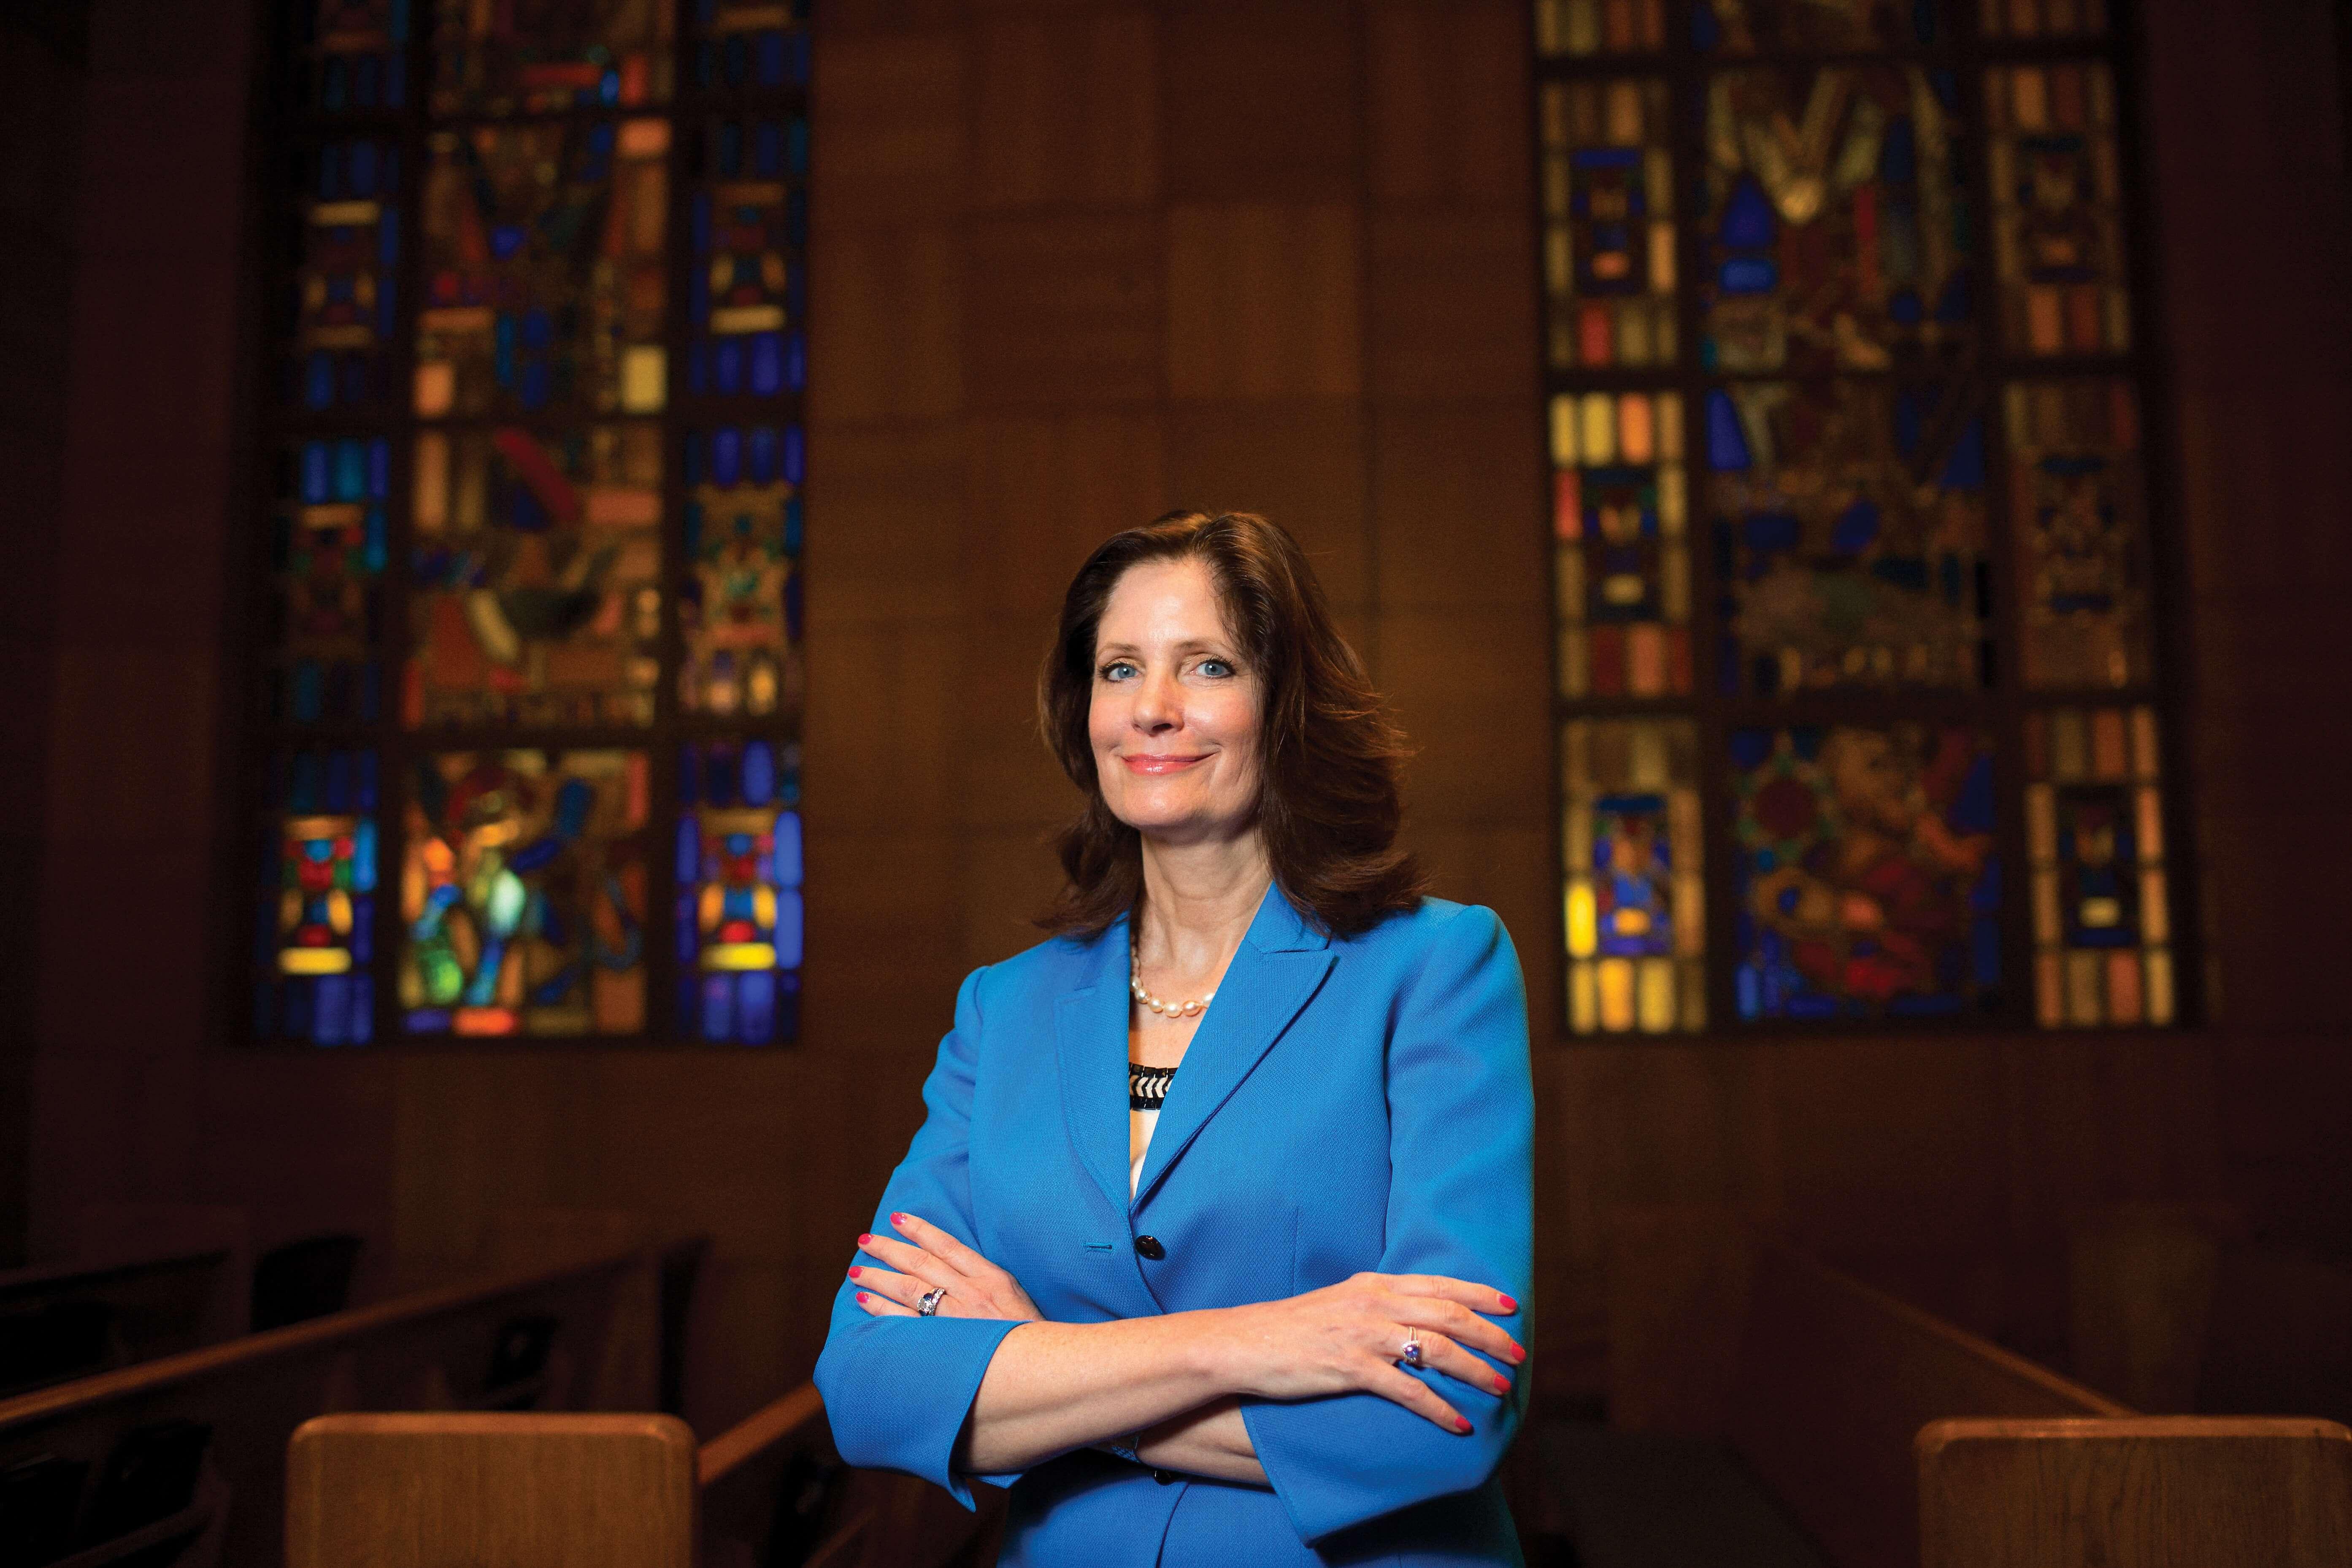 Dr. Julia Andrieni